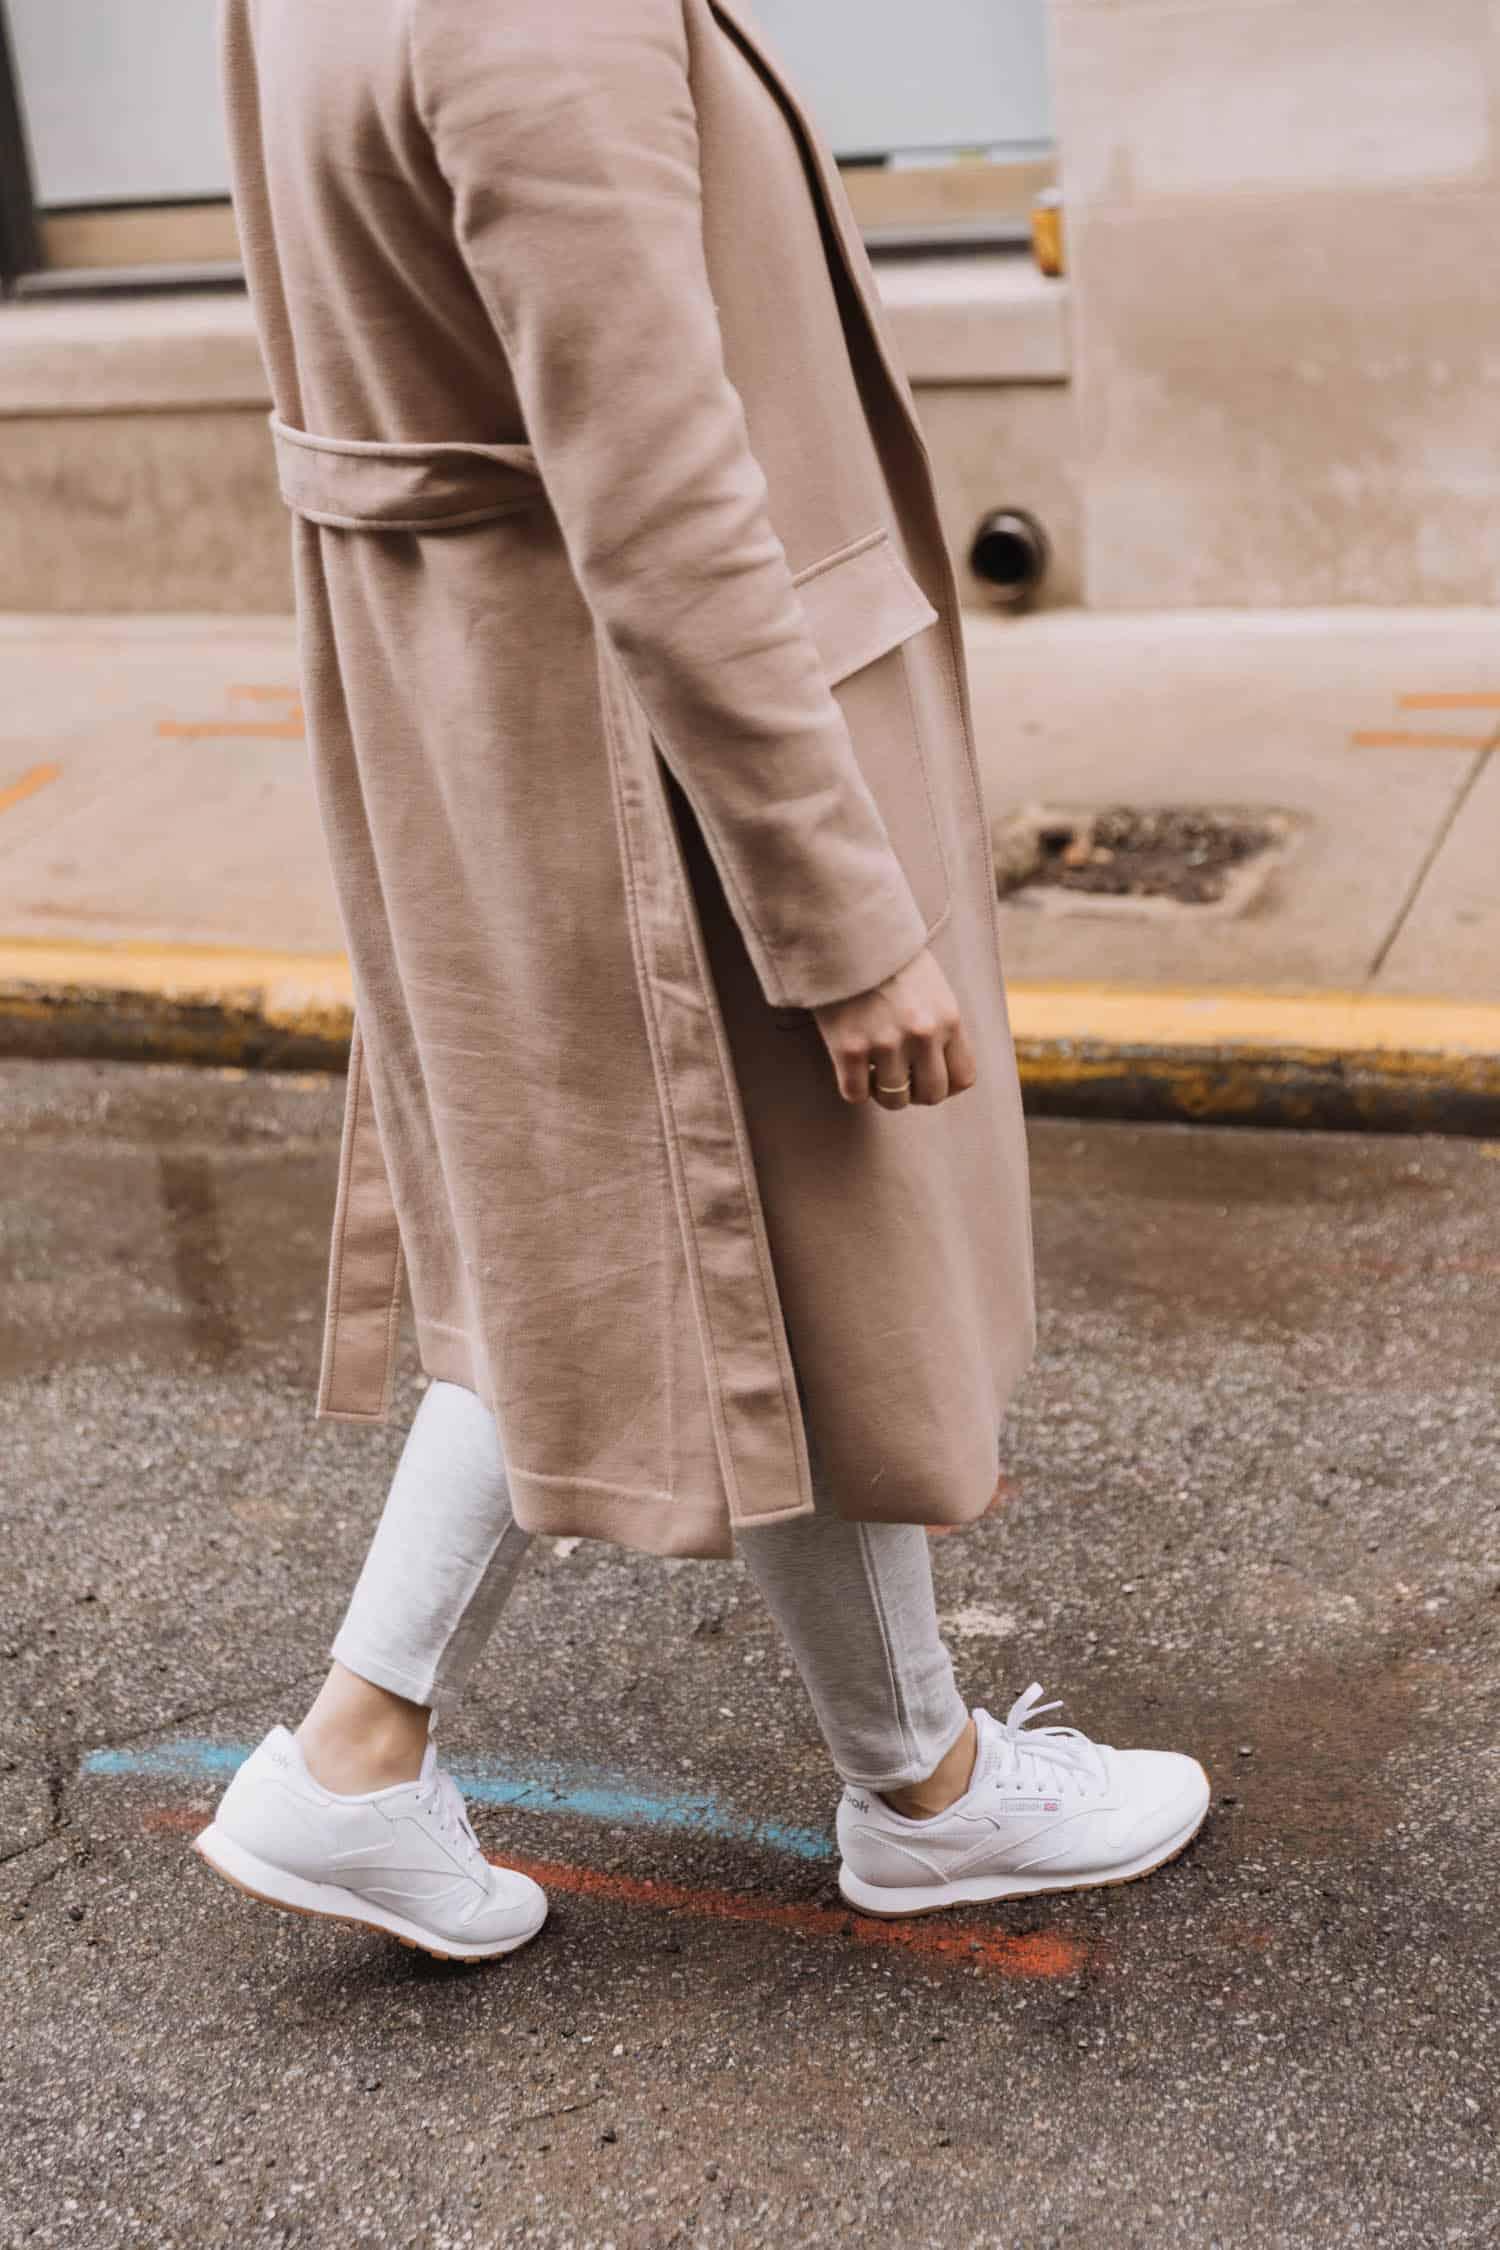 sleek trench coat | Tips To Wearing Loungewear In Public